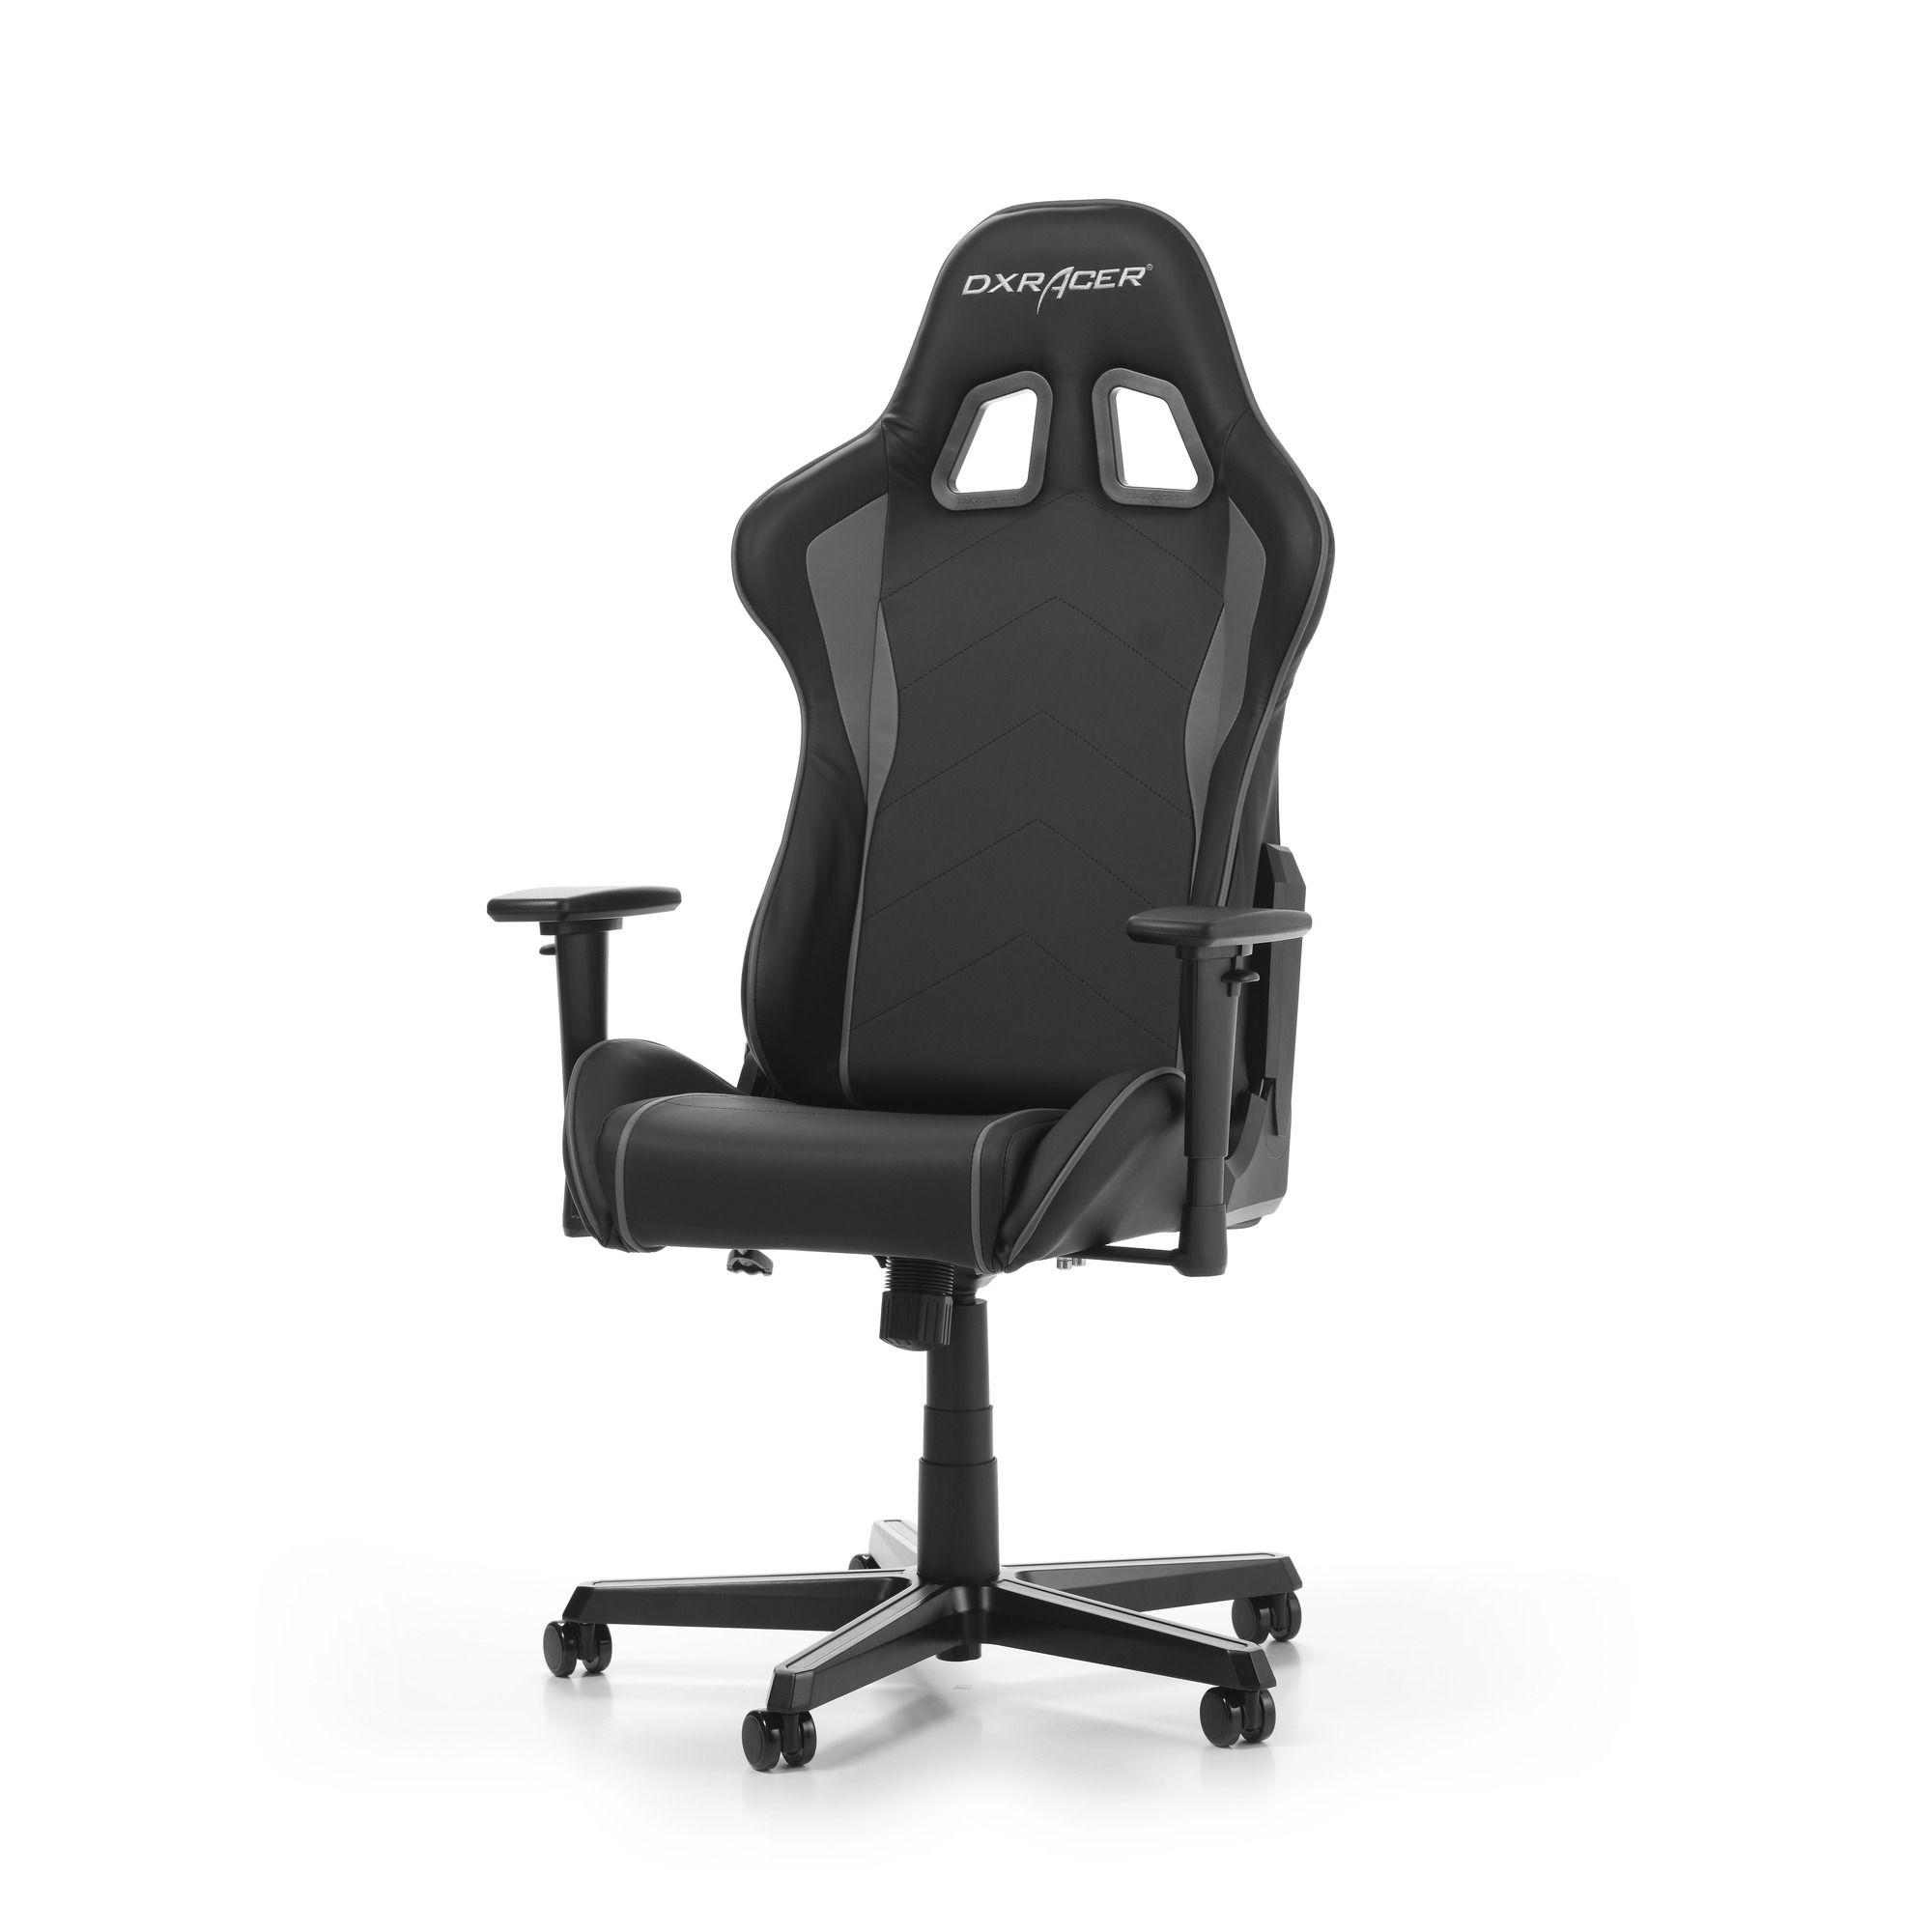 Геймърски стол DXRacer - серия FORMULA, черен/сив - OH/FH08/NG - 10